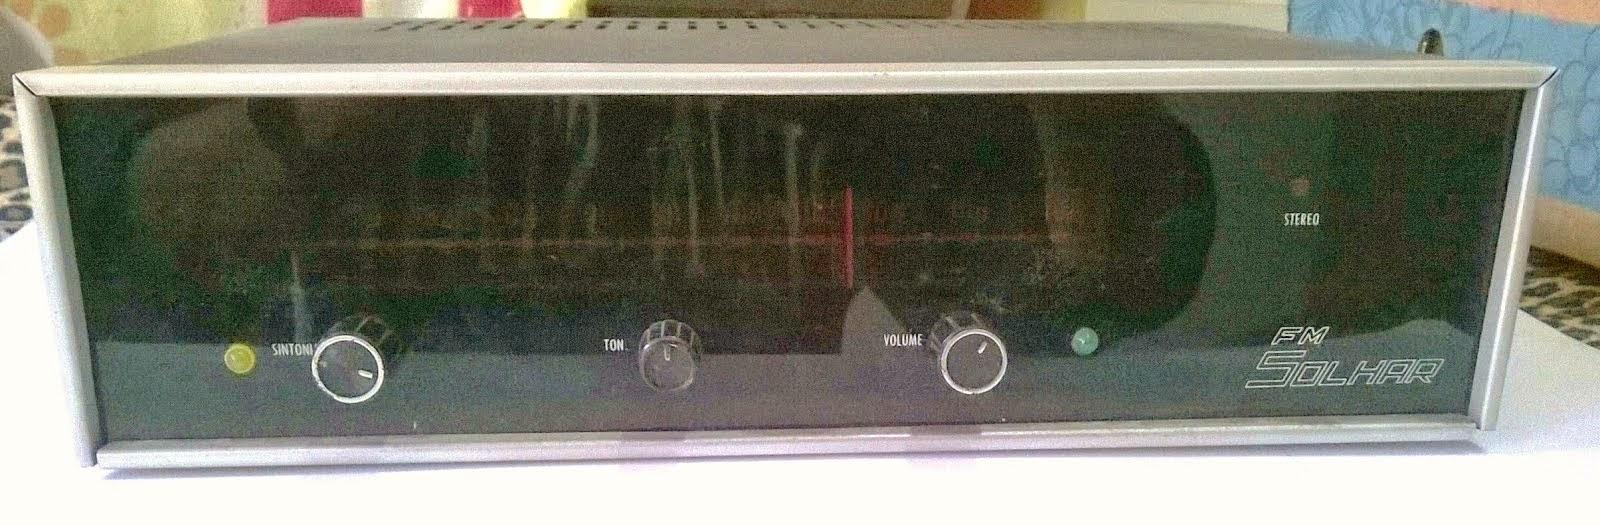 Venda - Rádio FM Solhar (com amplificador)